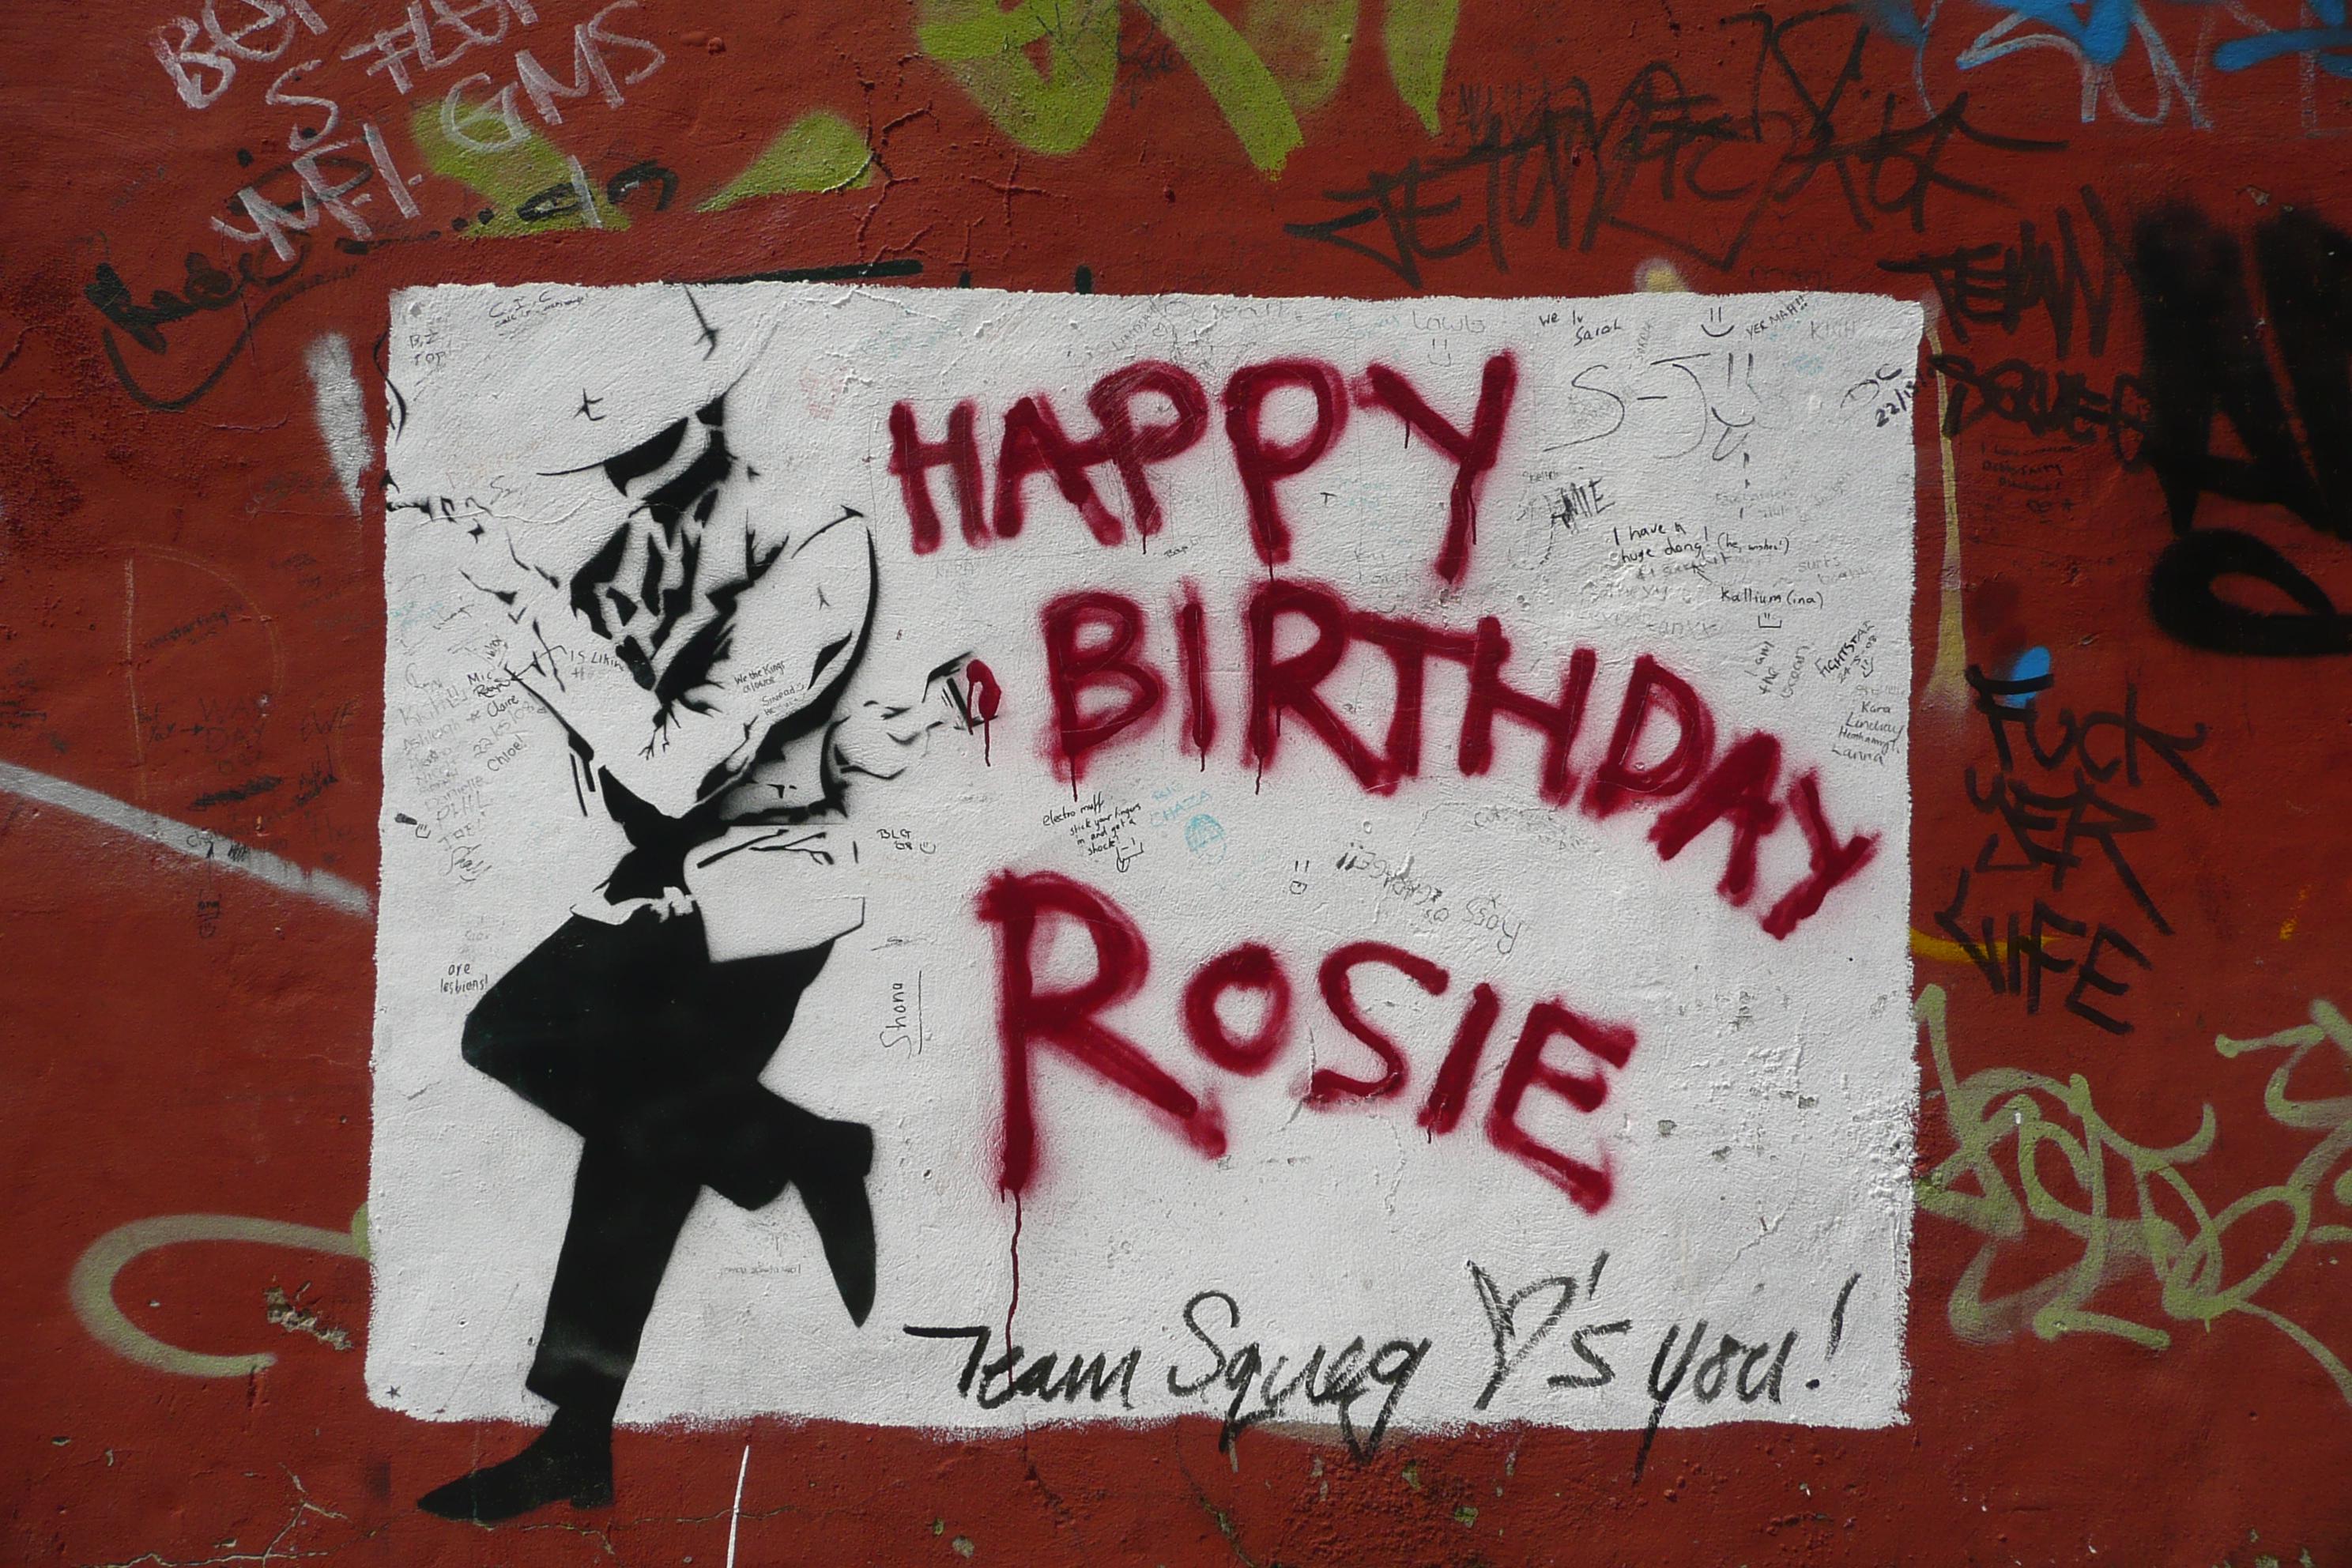 Пацифист, с днем рождения в Европе появились граффити - НТВ 27